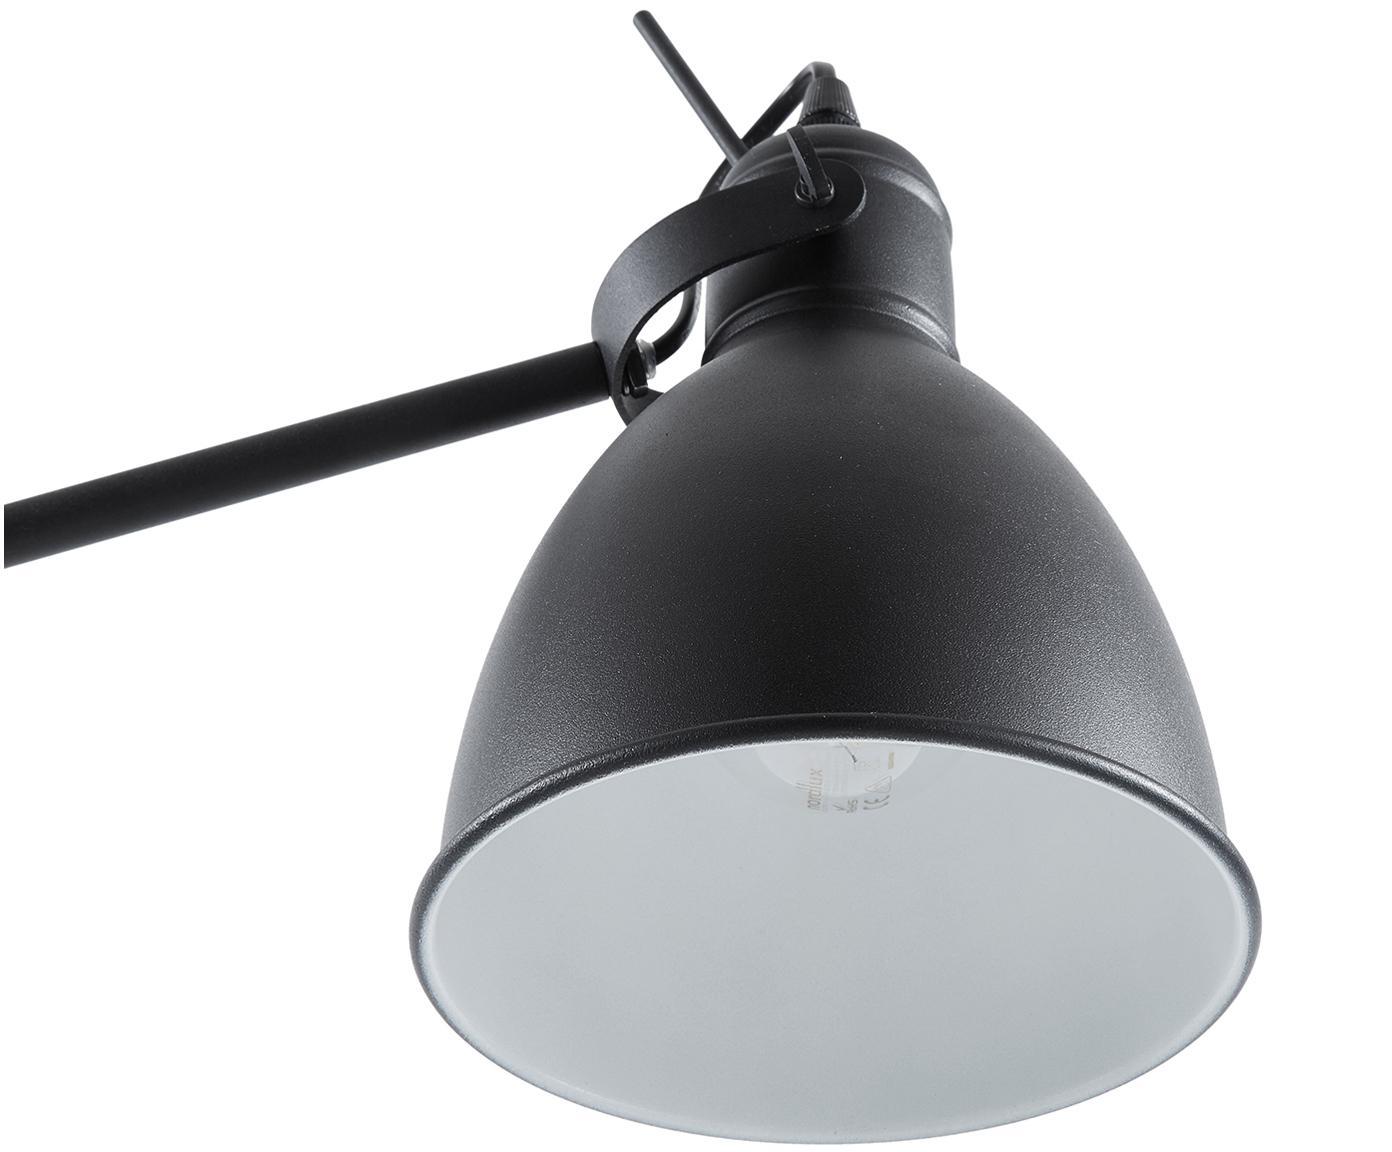 Lampada da terra Ethan, Paralume: metallo verniciato a polv, Base della lampada: metallo verniciato a polv, Nero, Ø 15 x Alt. 137 cm